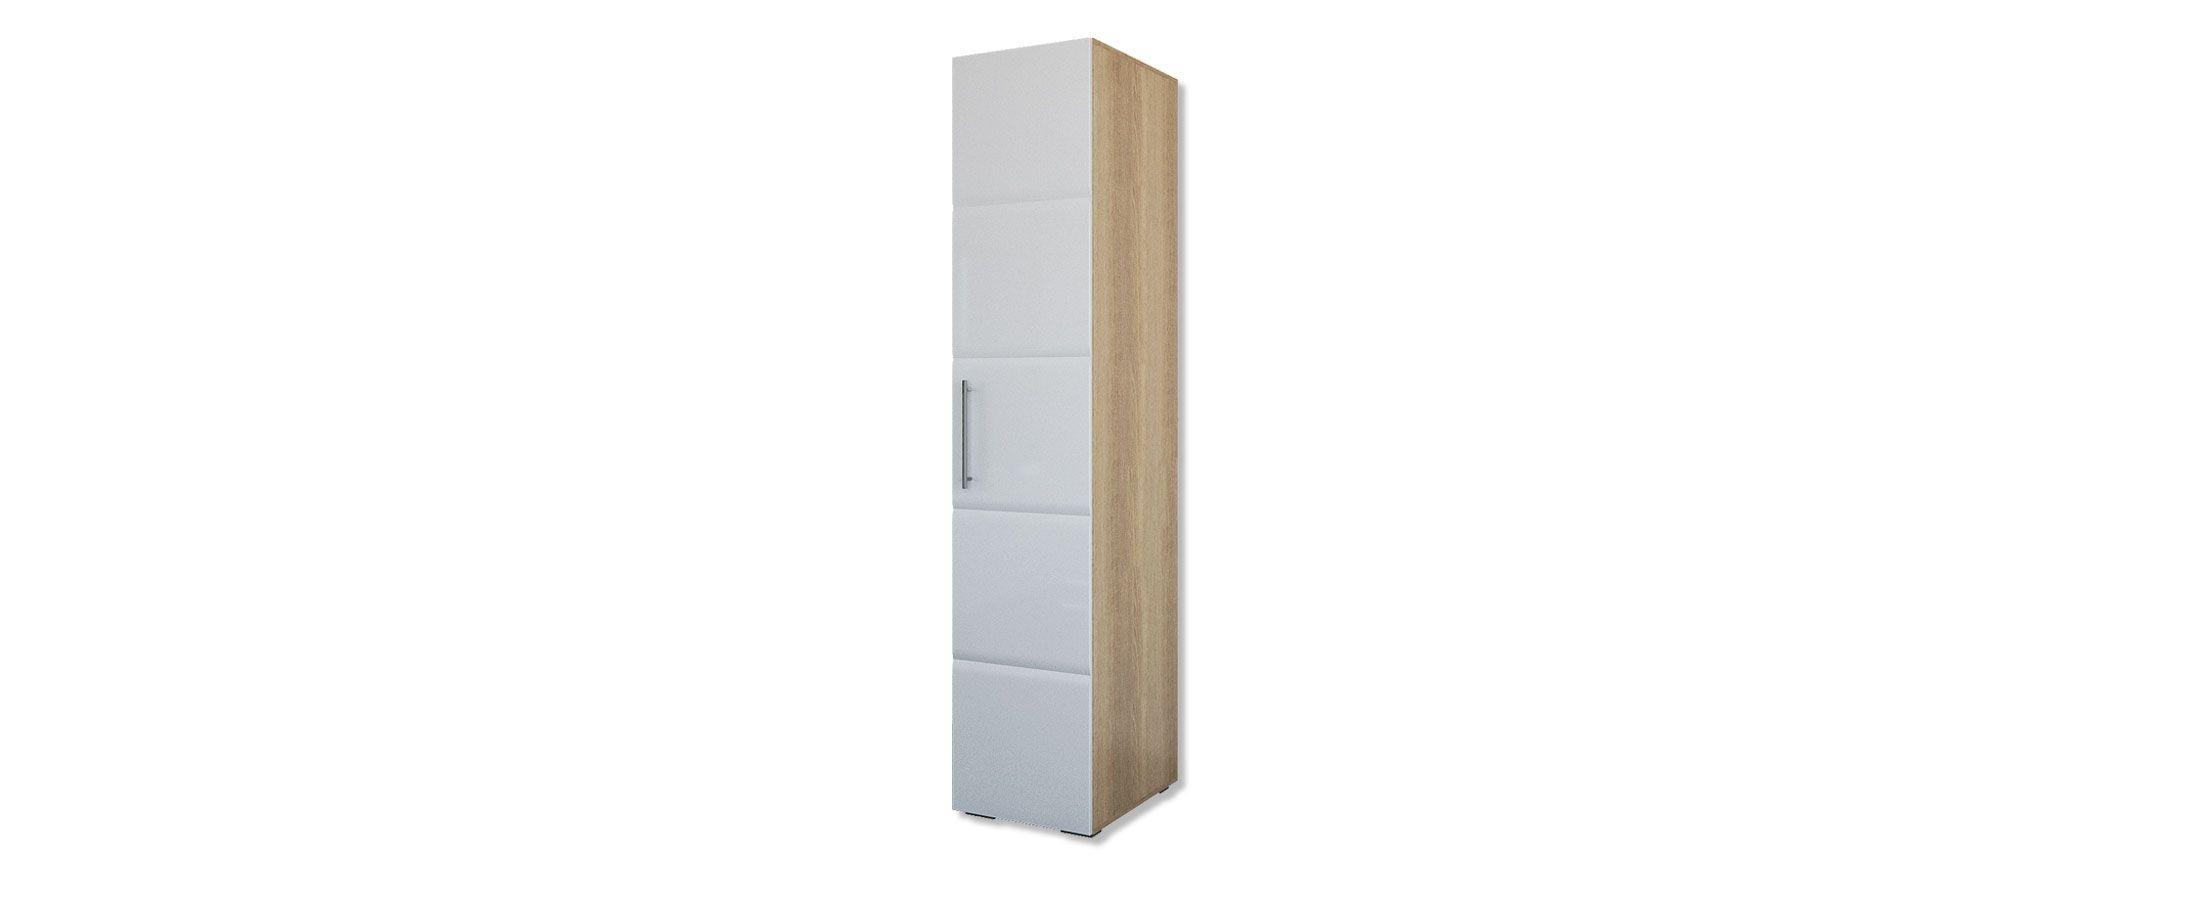 Шкаф 1-дверный София от MOON TRADE